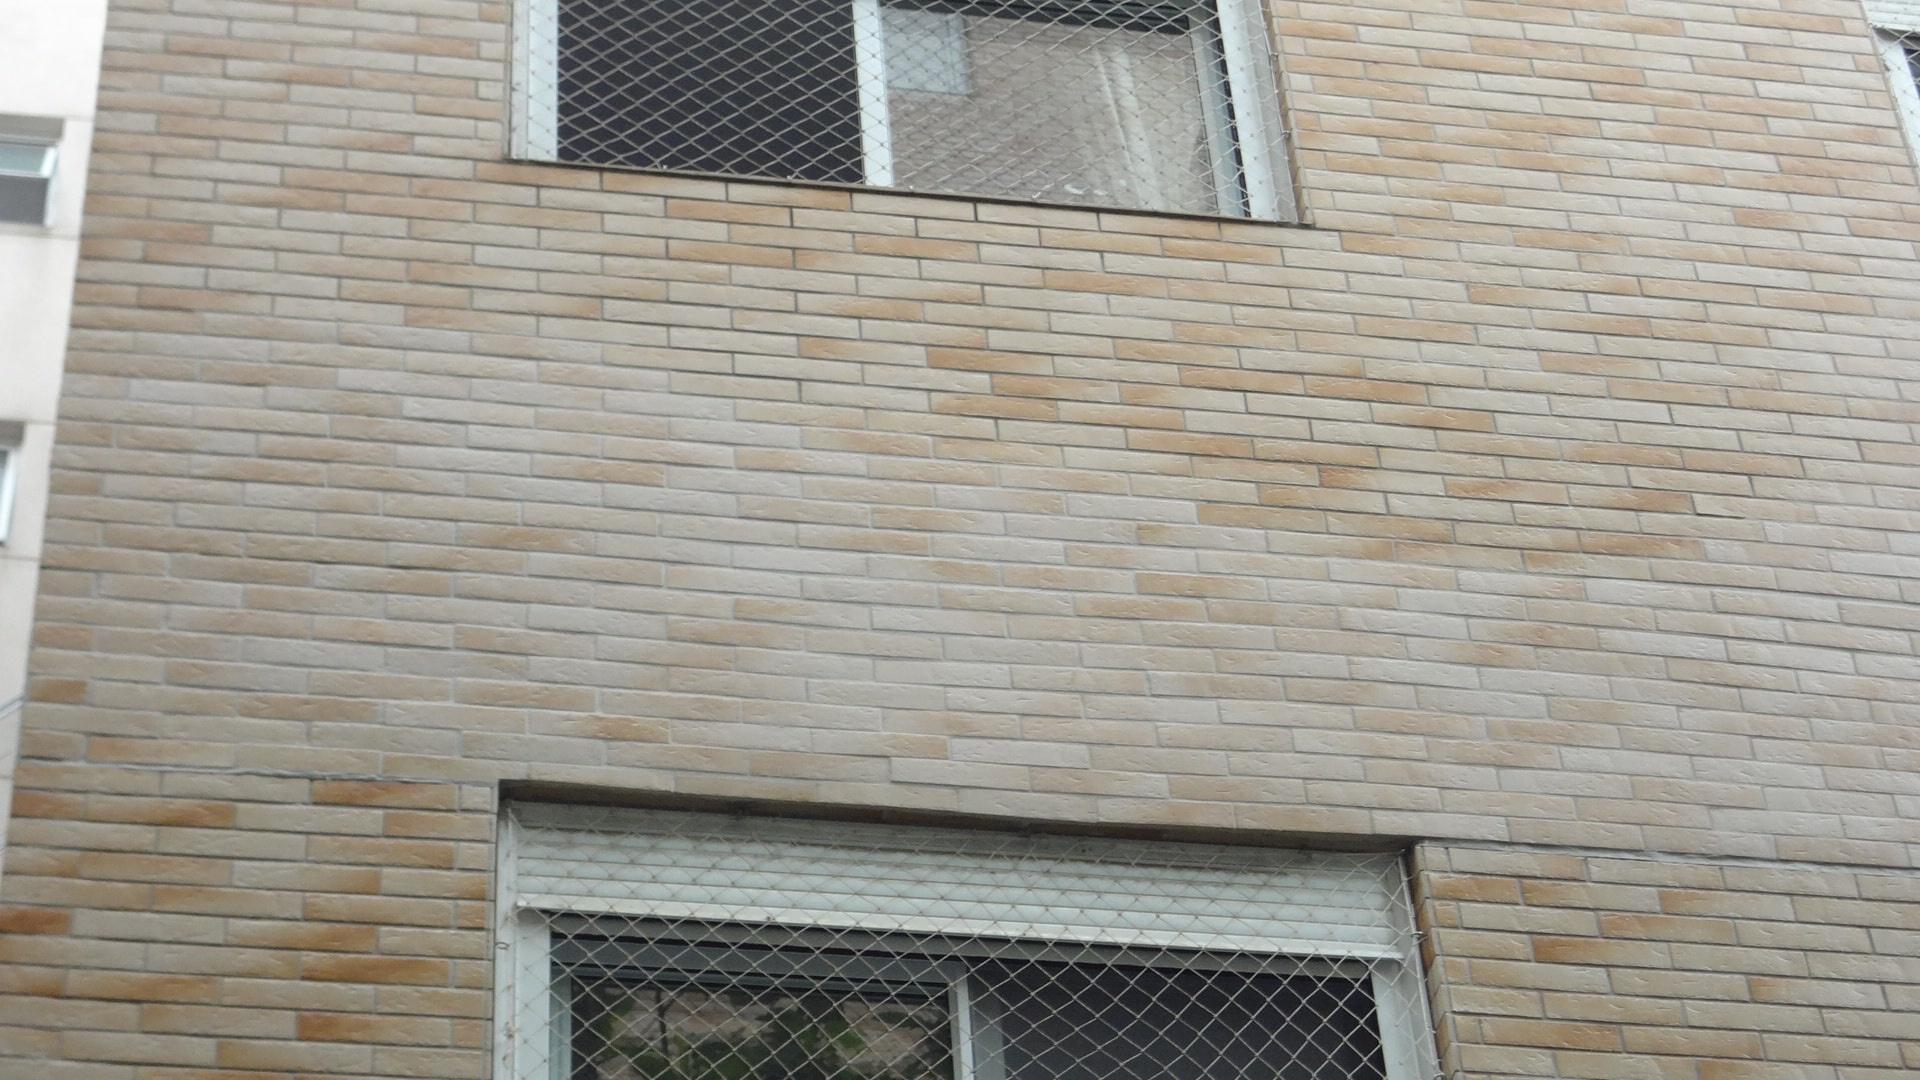 Detalhe - Assentamento e acabamento final do revestimento cerâmico.